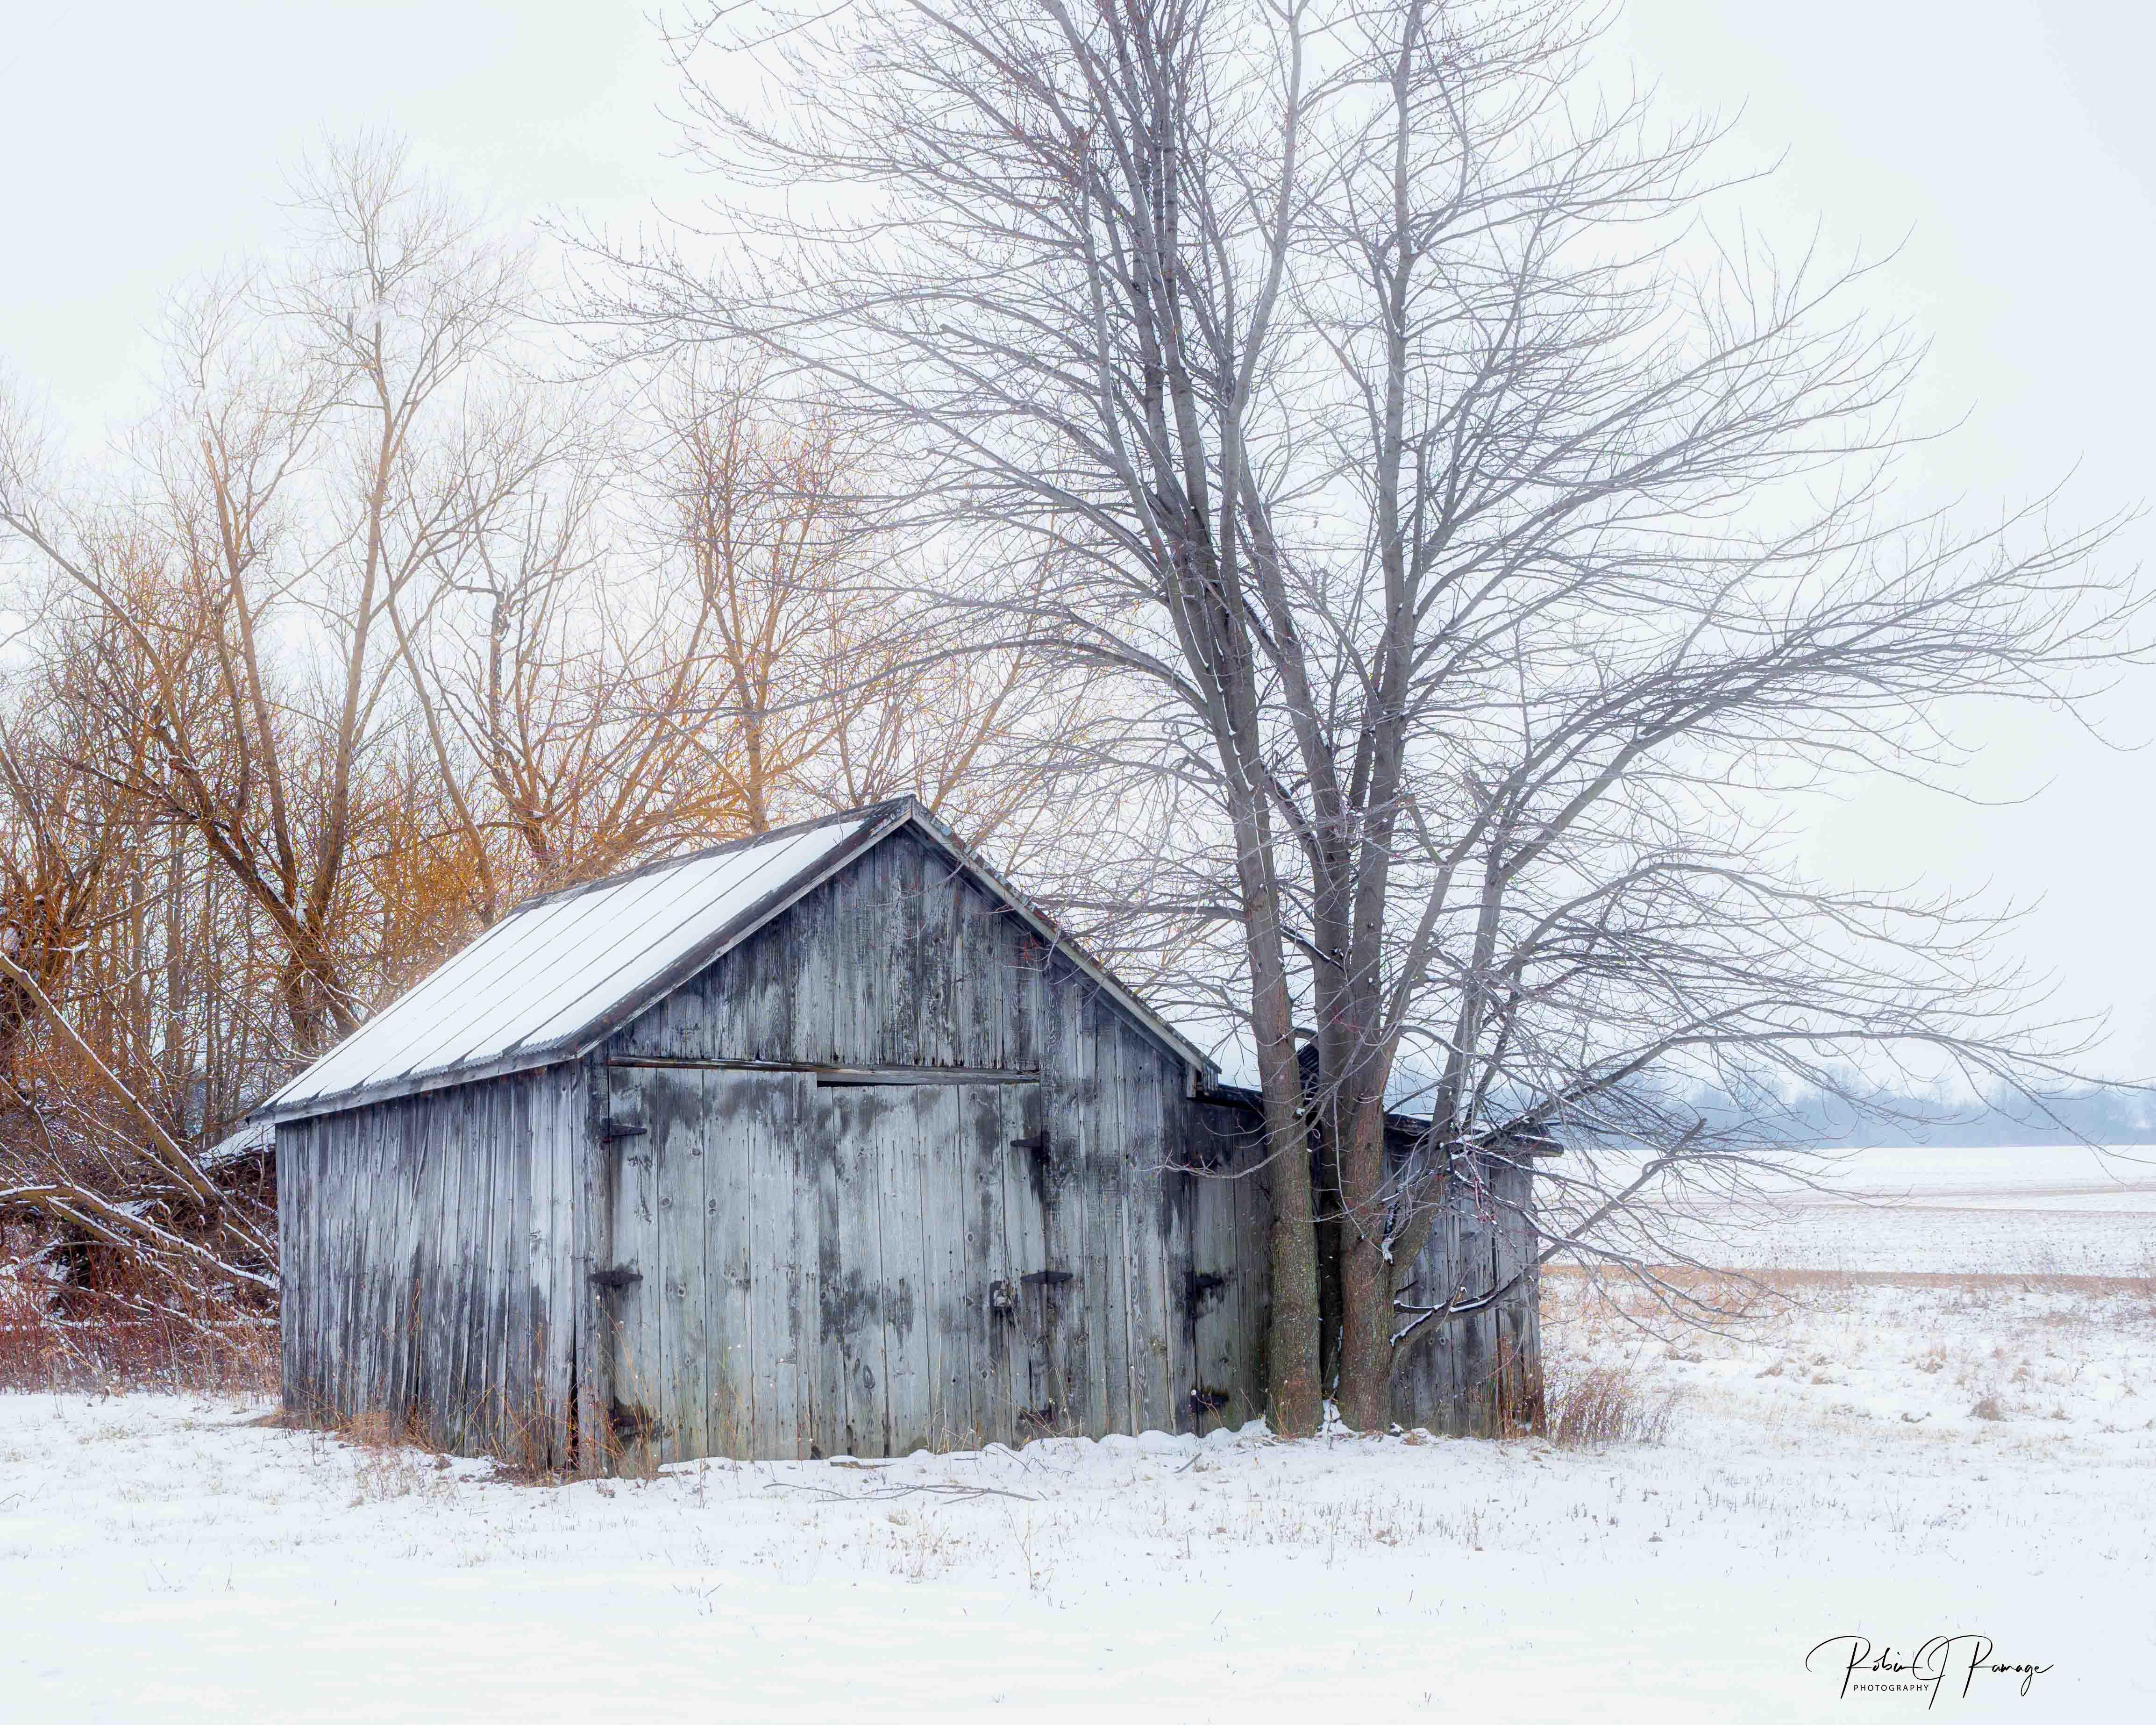 My Old Barn Robin Ramaga RJR005 $90.00